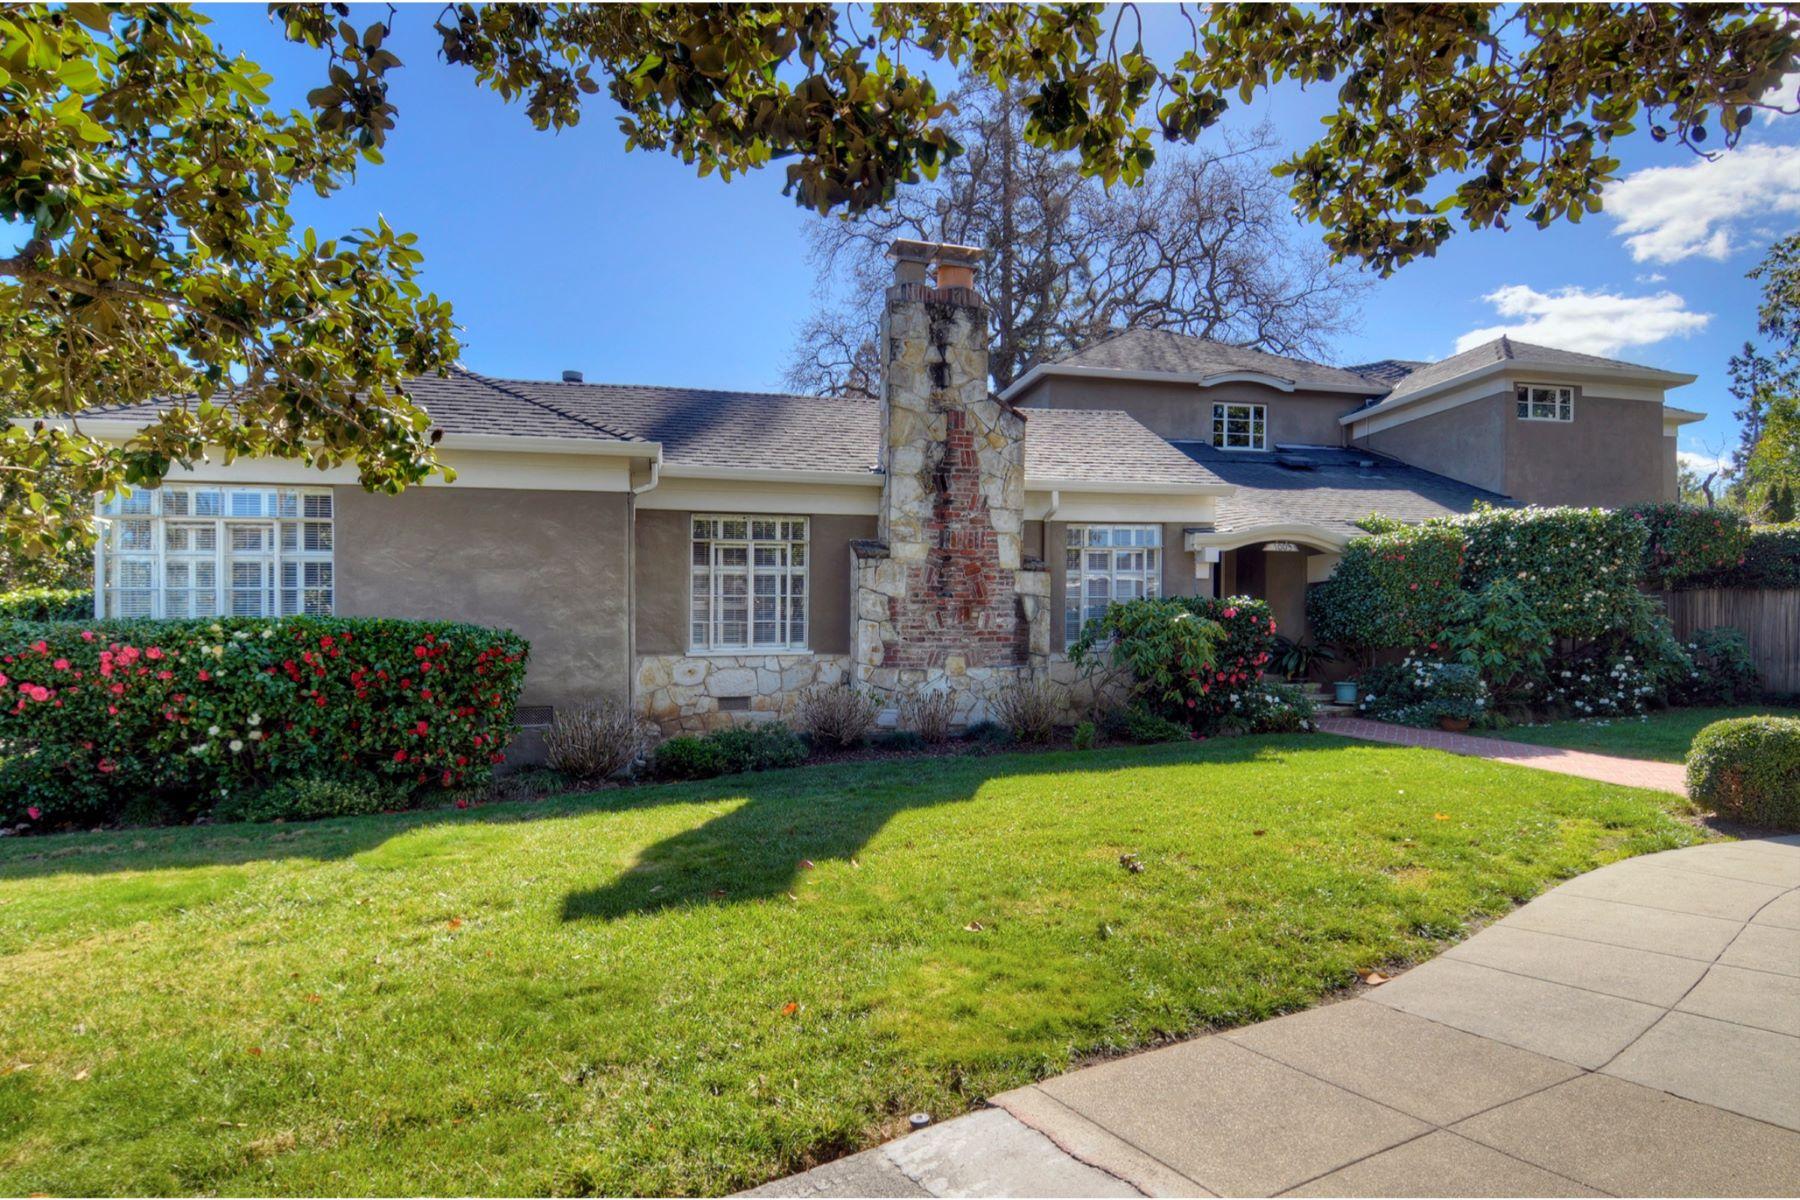 獨棟家庭住宅 為 出售 在 Edgewood Park Neighborhood 1003 Blandford Boulevard Redwood City, 加利福尼亞州 94062 美國